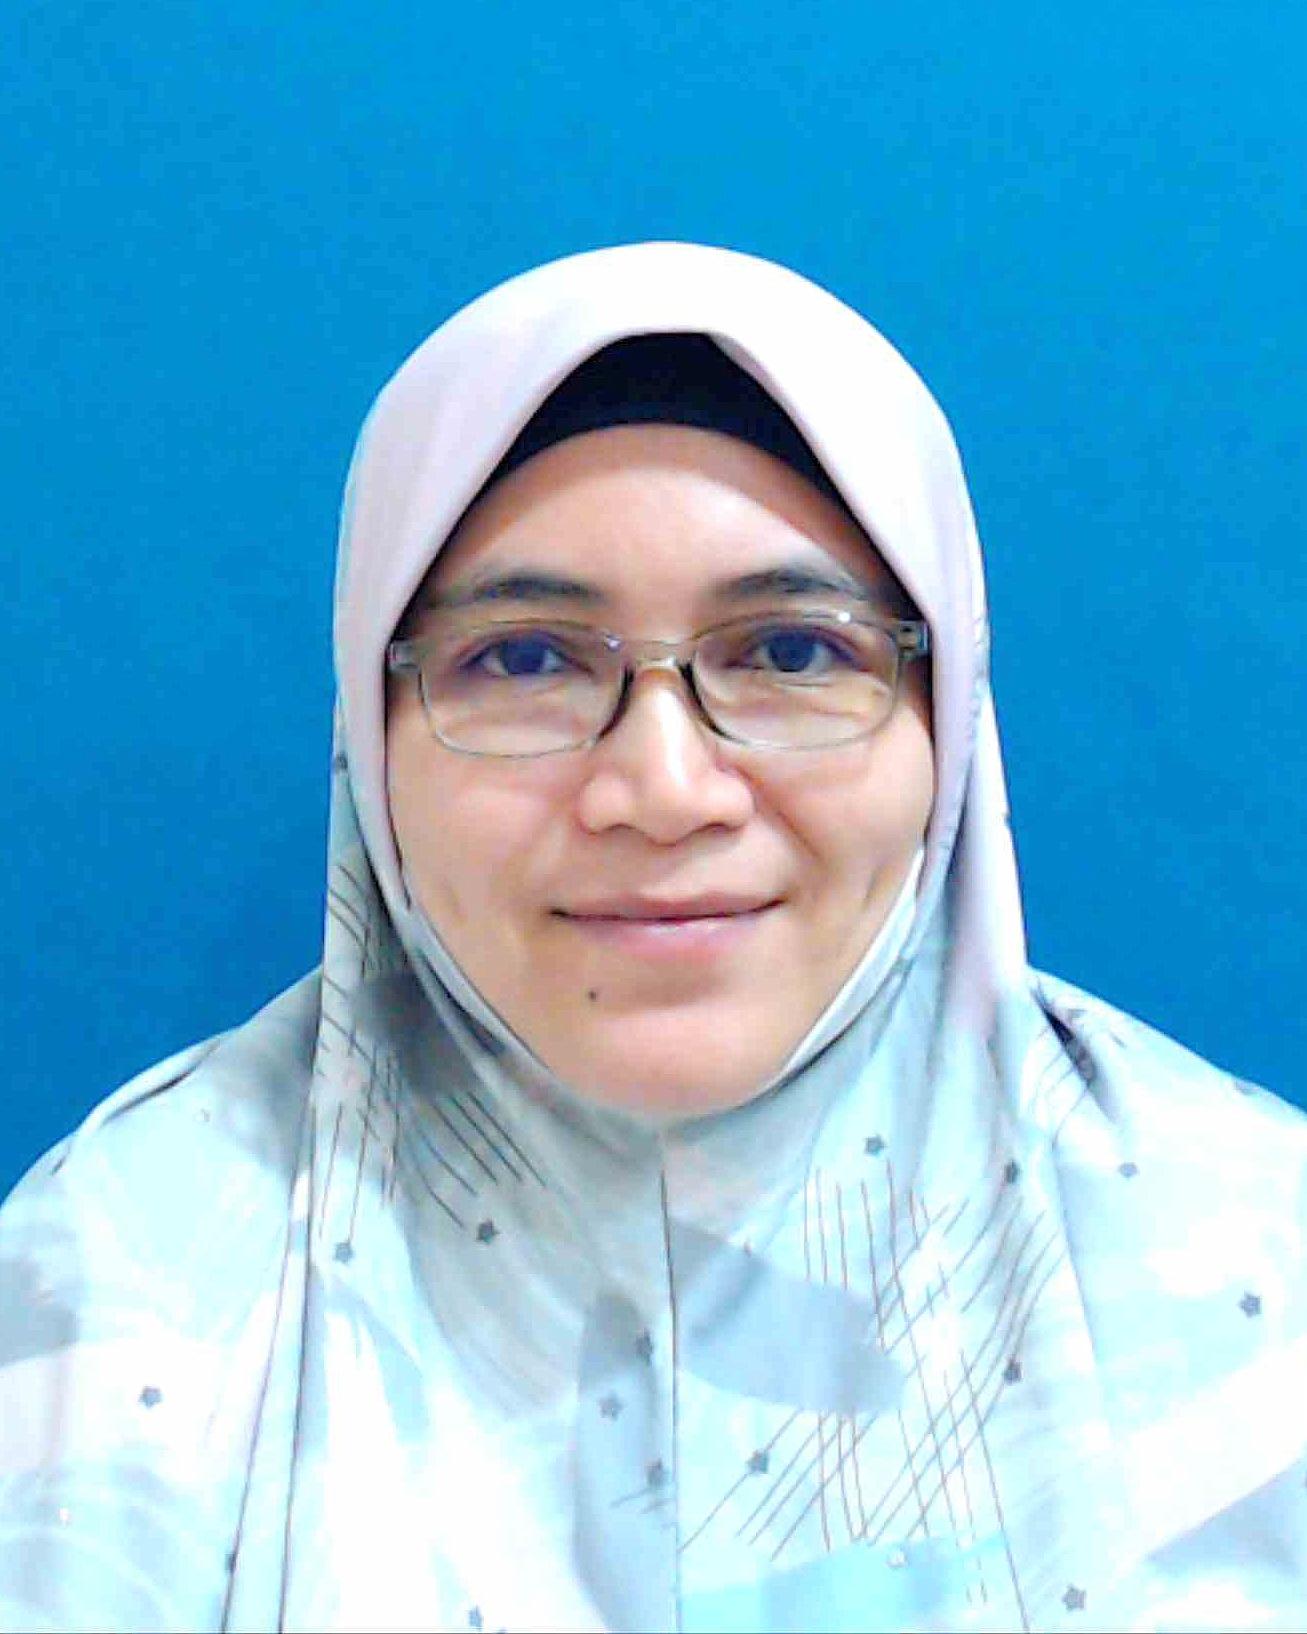 Noor Ezmas Binti Mahno